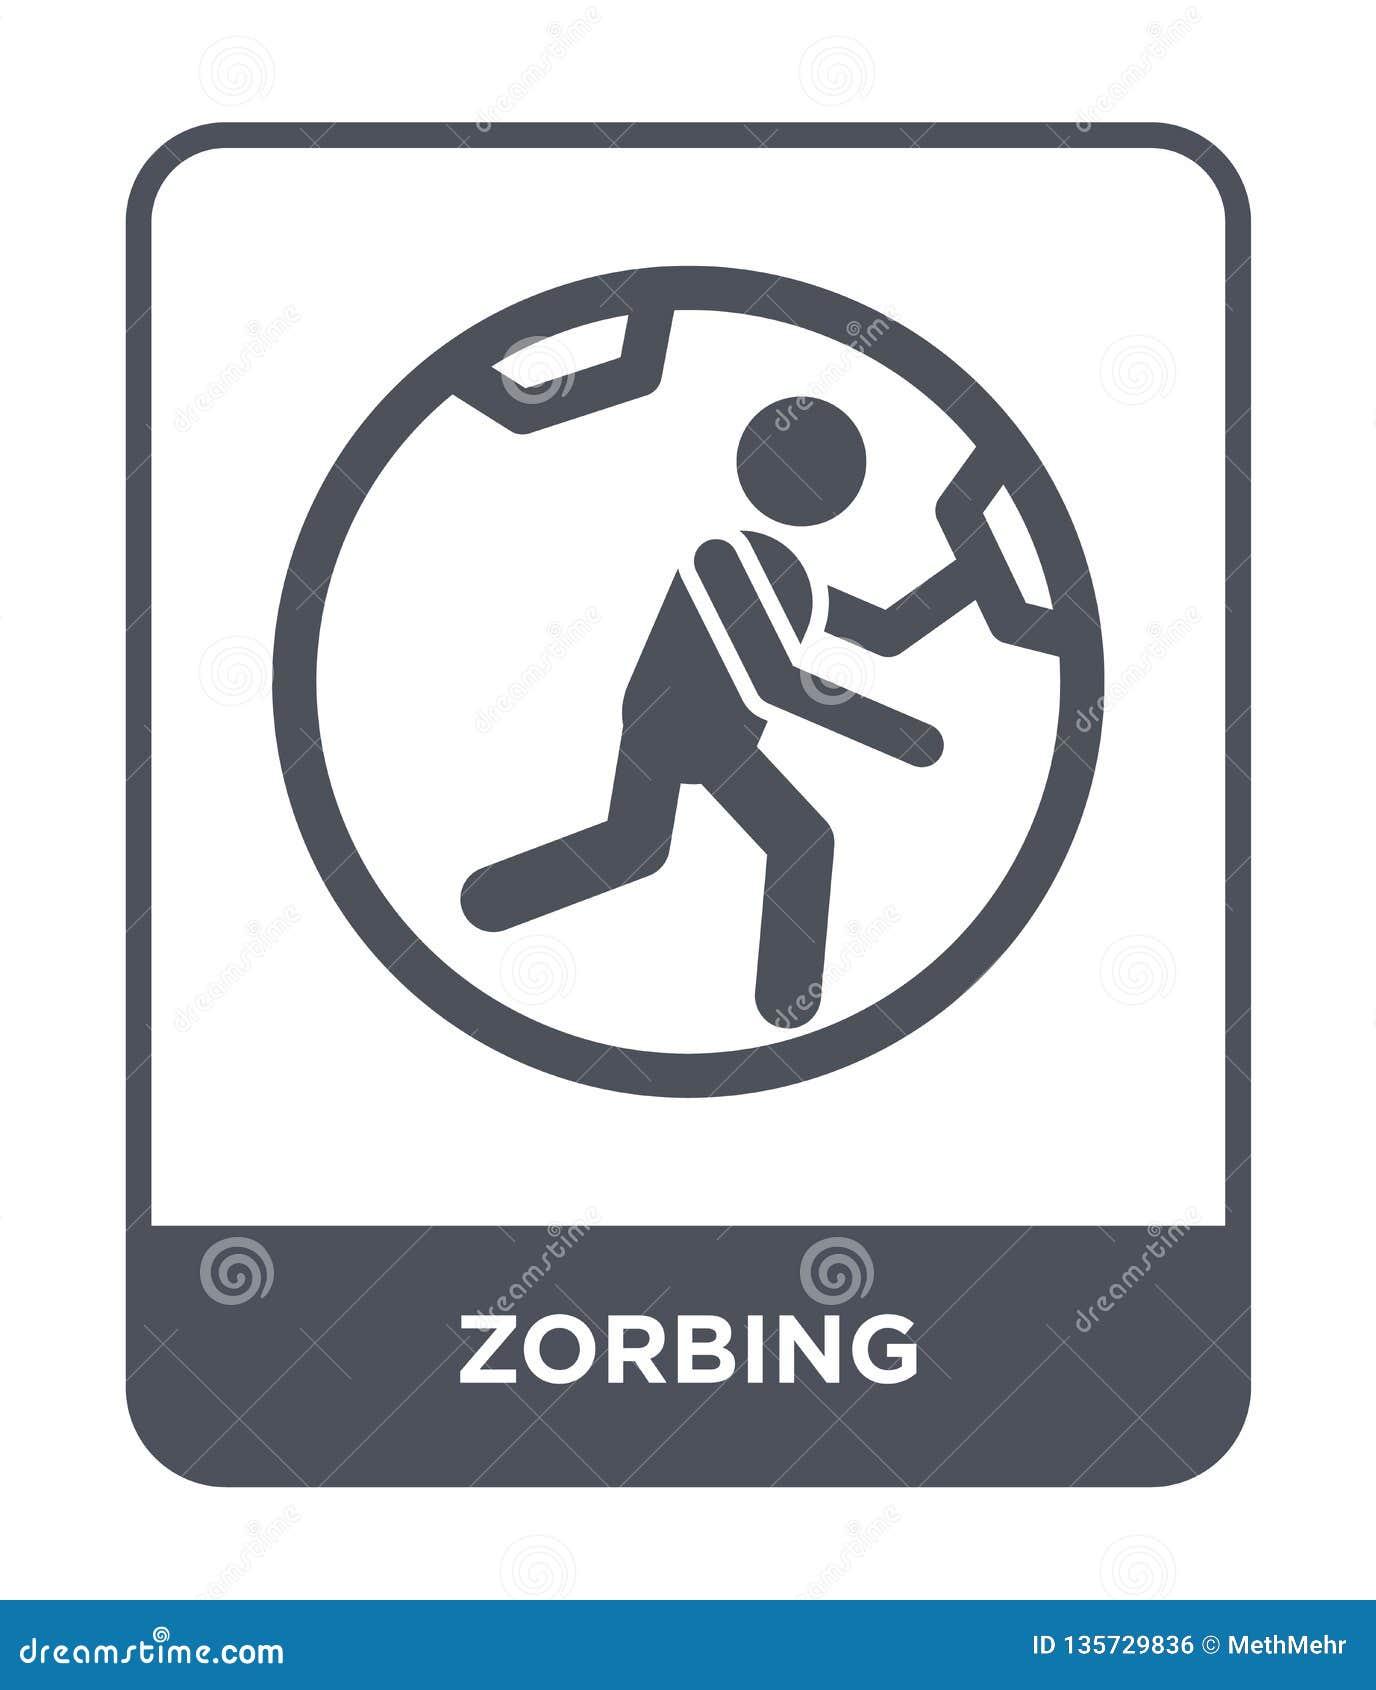 Icona zorbing nello stile d avanguardia di progettazione icona zorbing isolata su fondo bianco simbolo piano semplice e moderno d